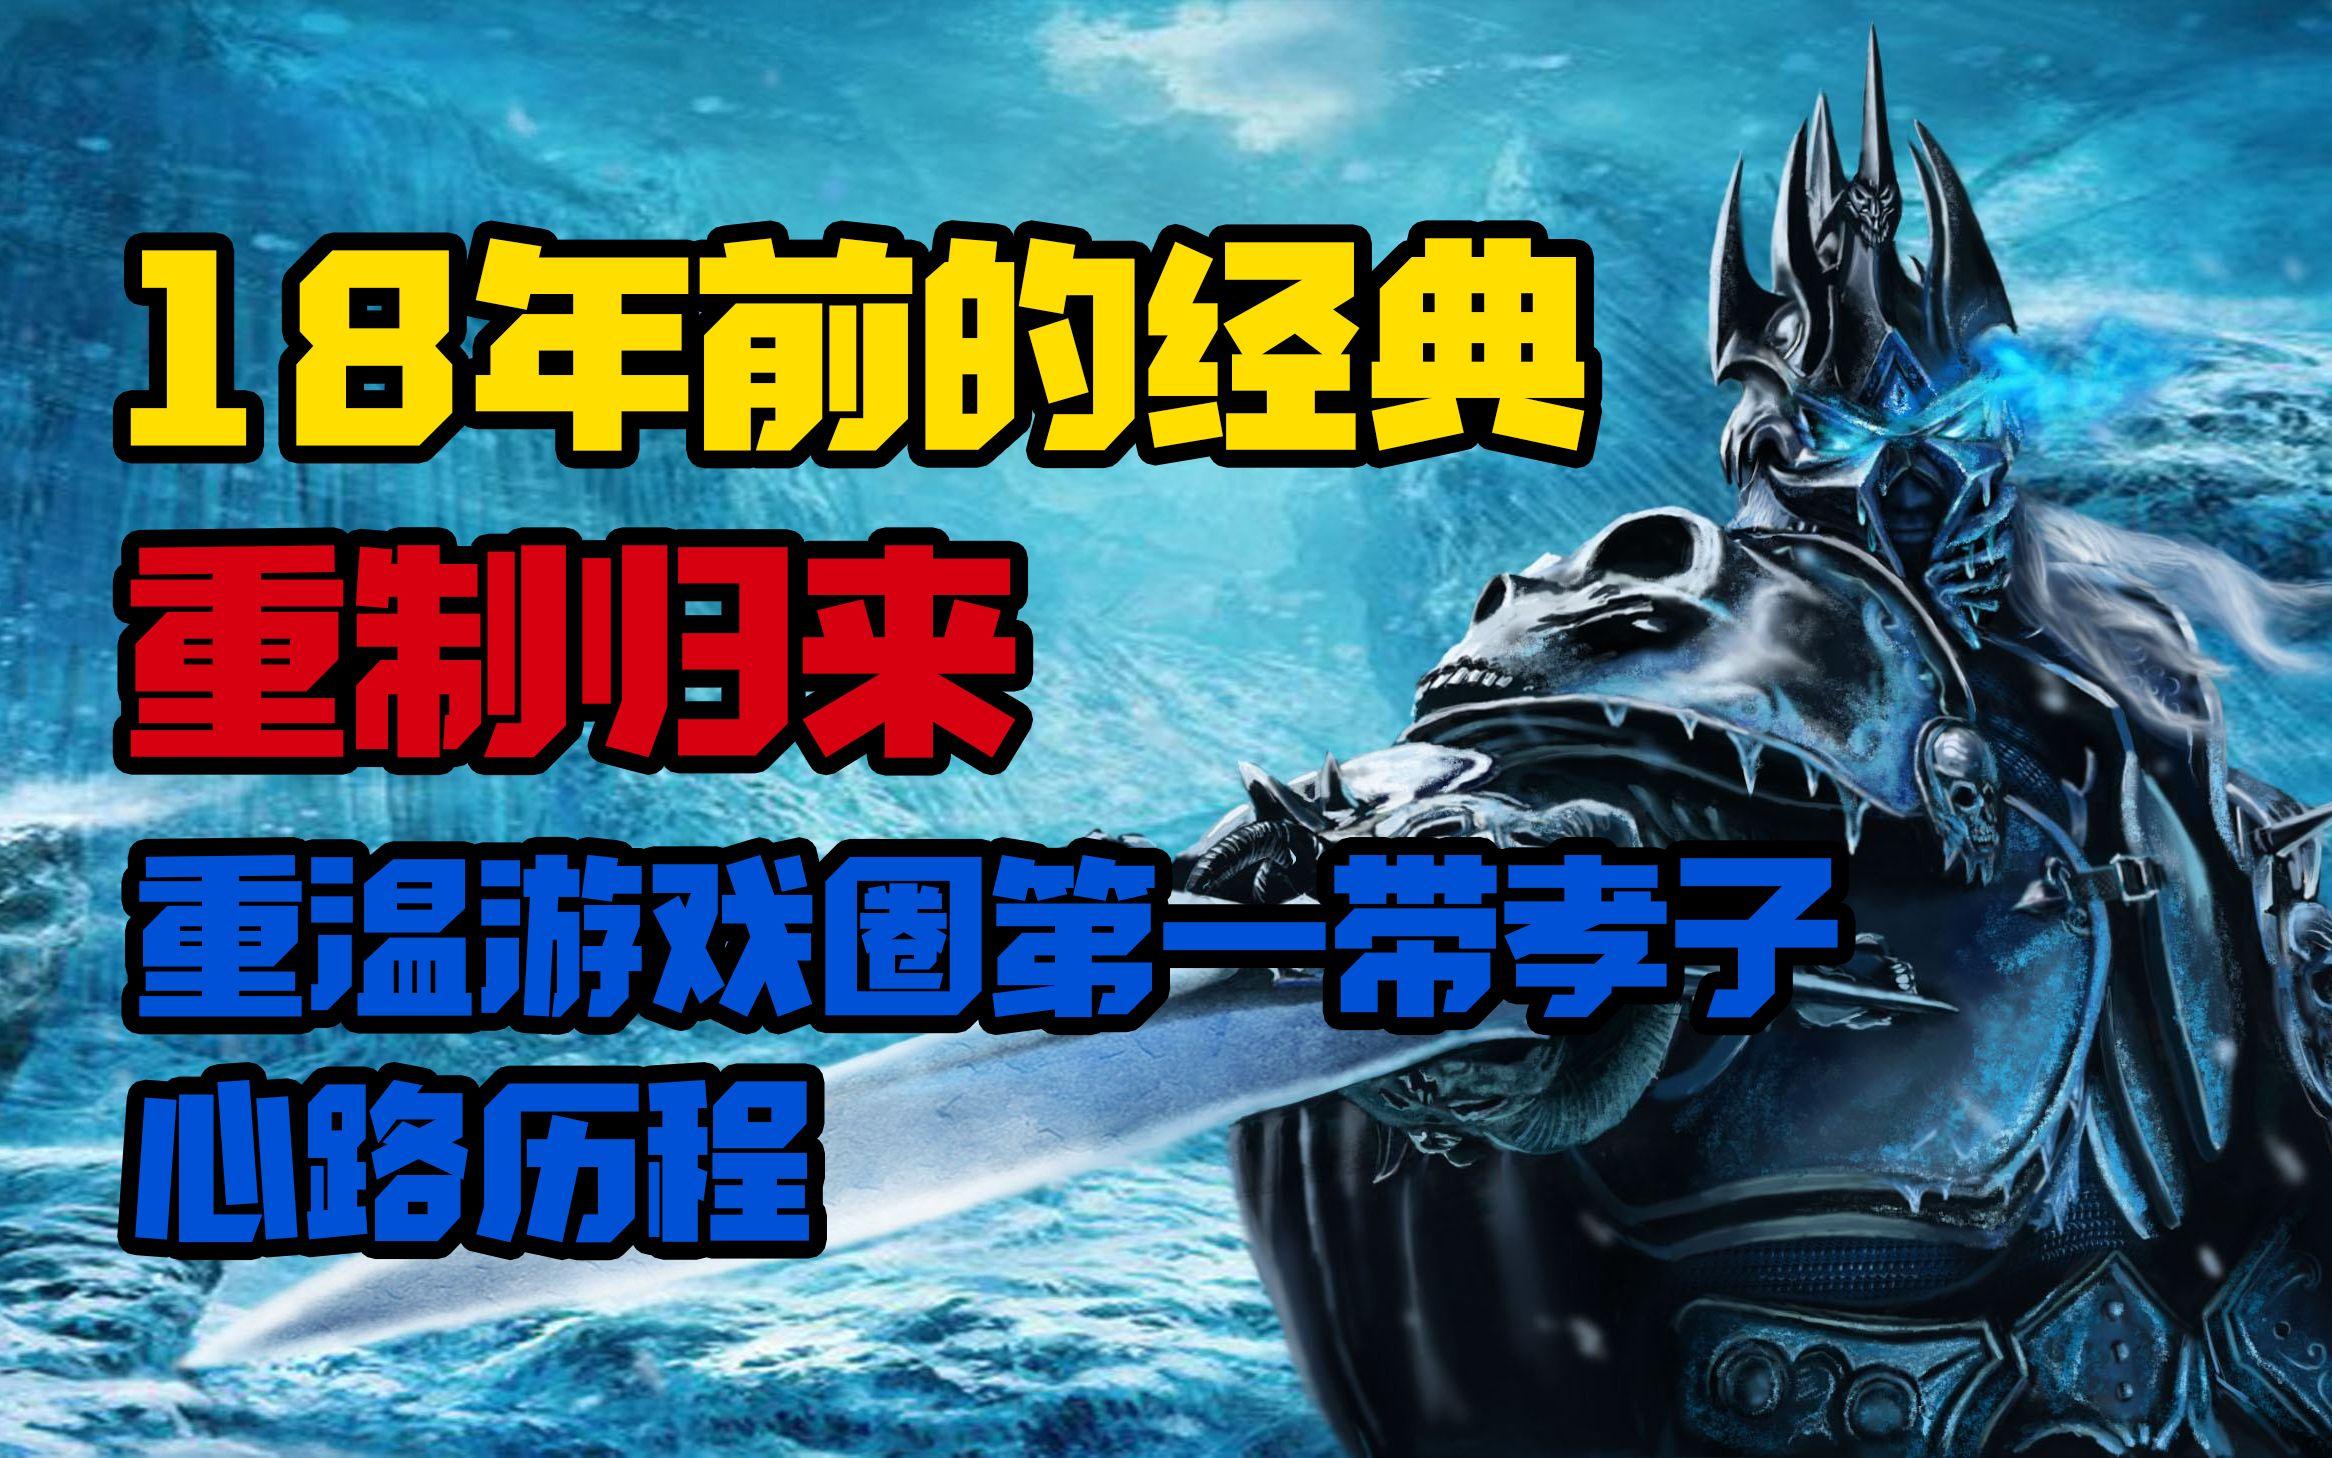 魔兽争霸3【重制版】【混乱之治】剧情战役全集(完结)